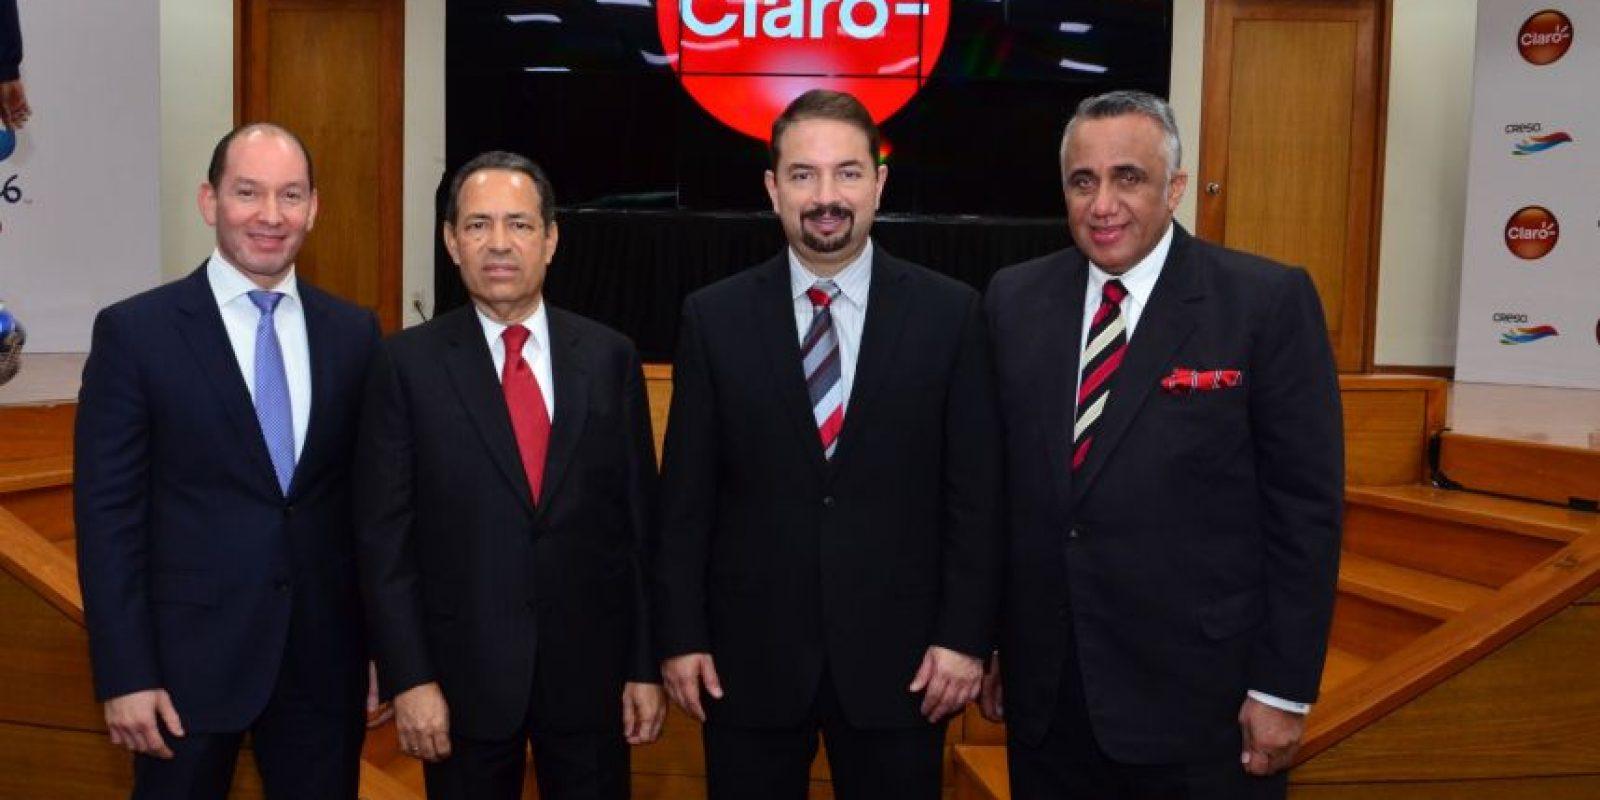 Omar Acosta, Freddy Domínguez, Oscar Peña y Luisín Mejia. Foto:Fuente externa